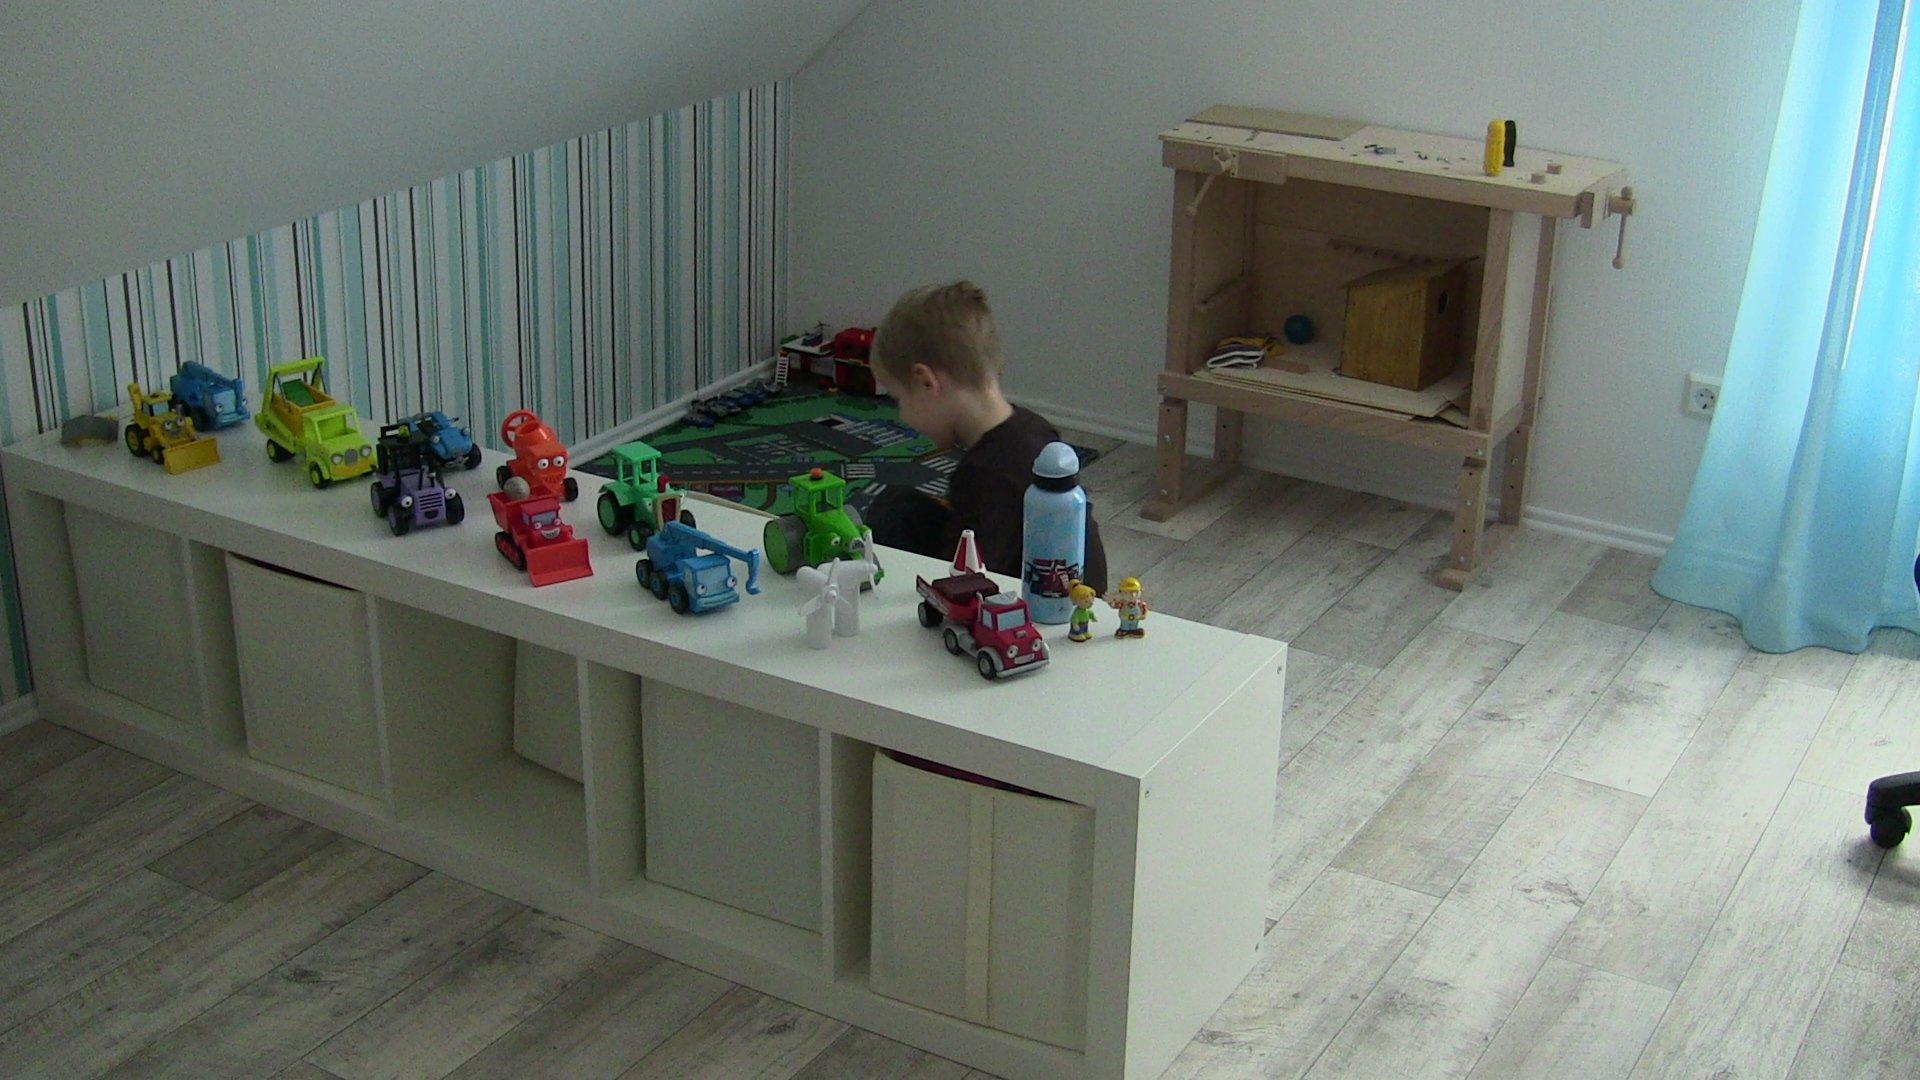 Kinderzimmer Unser Neues Haus Von Olga1984 32594 Zimmerschau